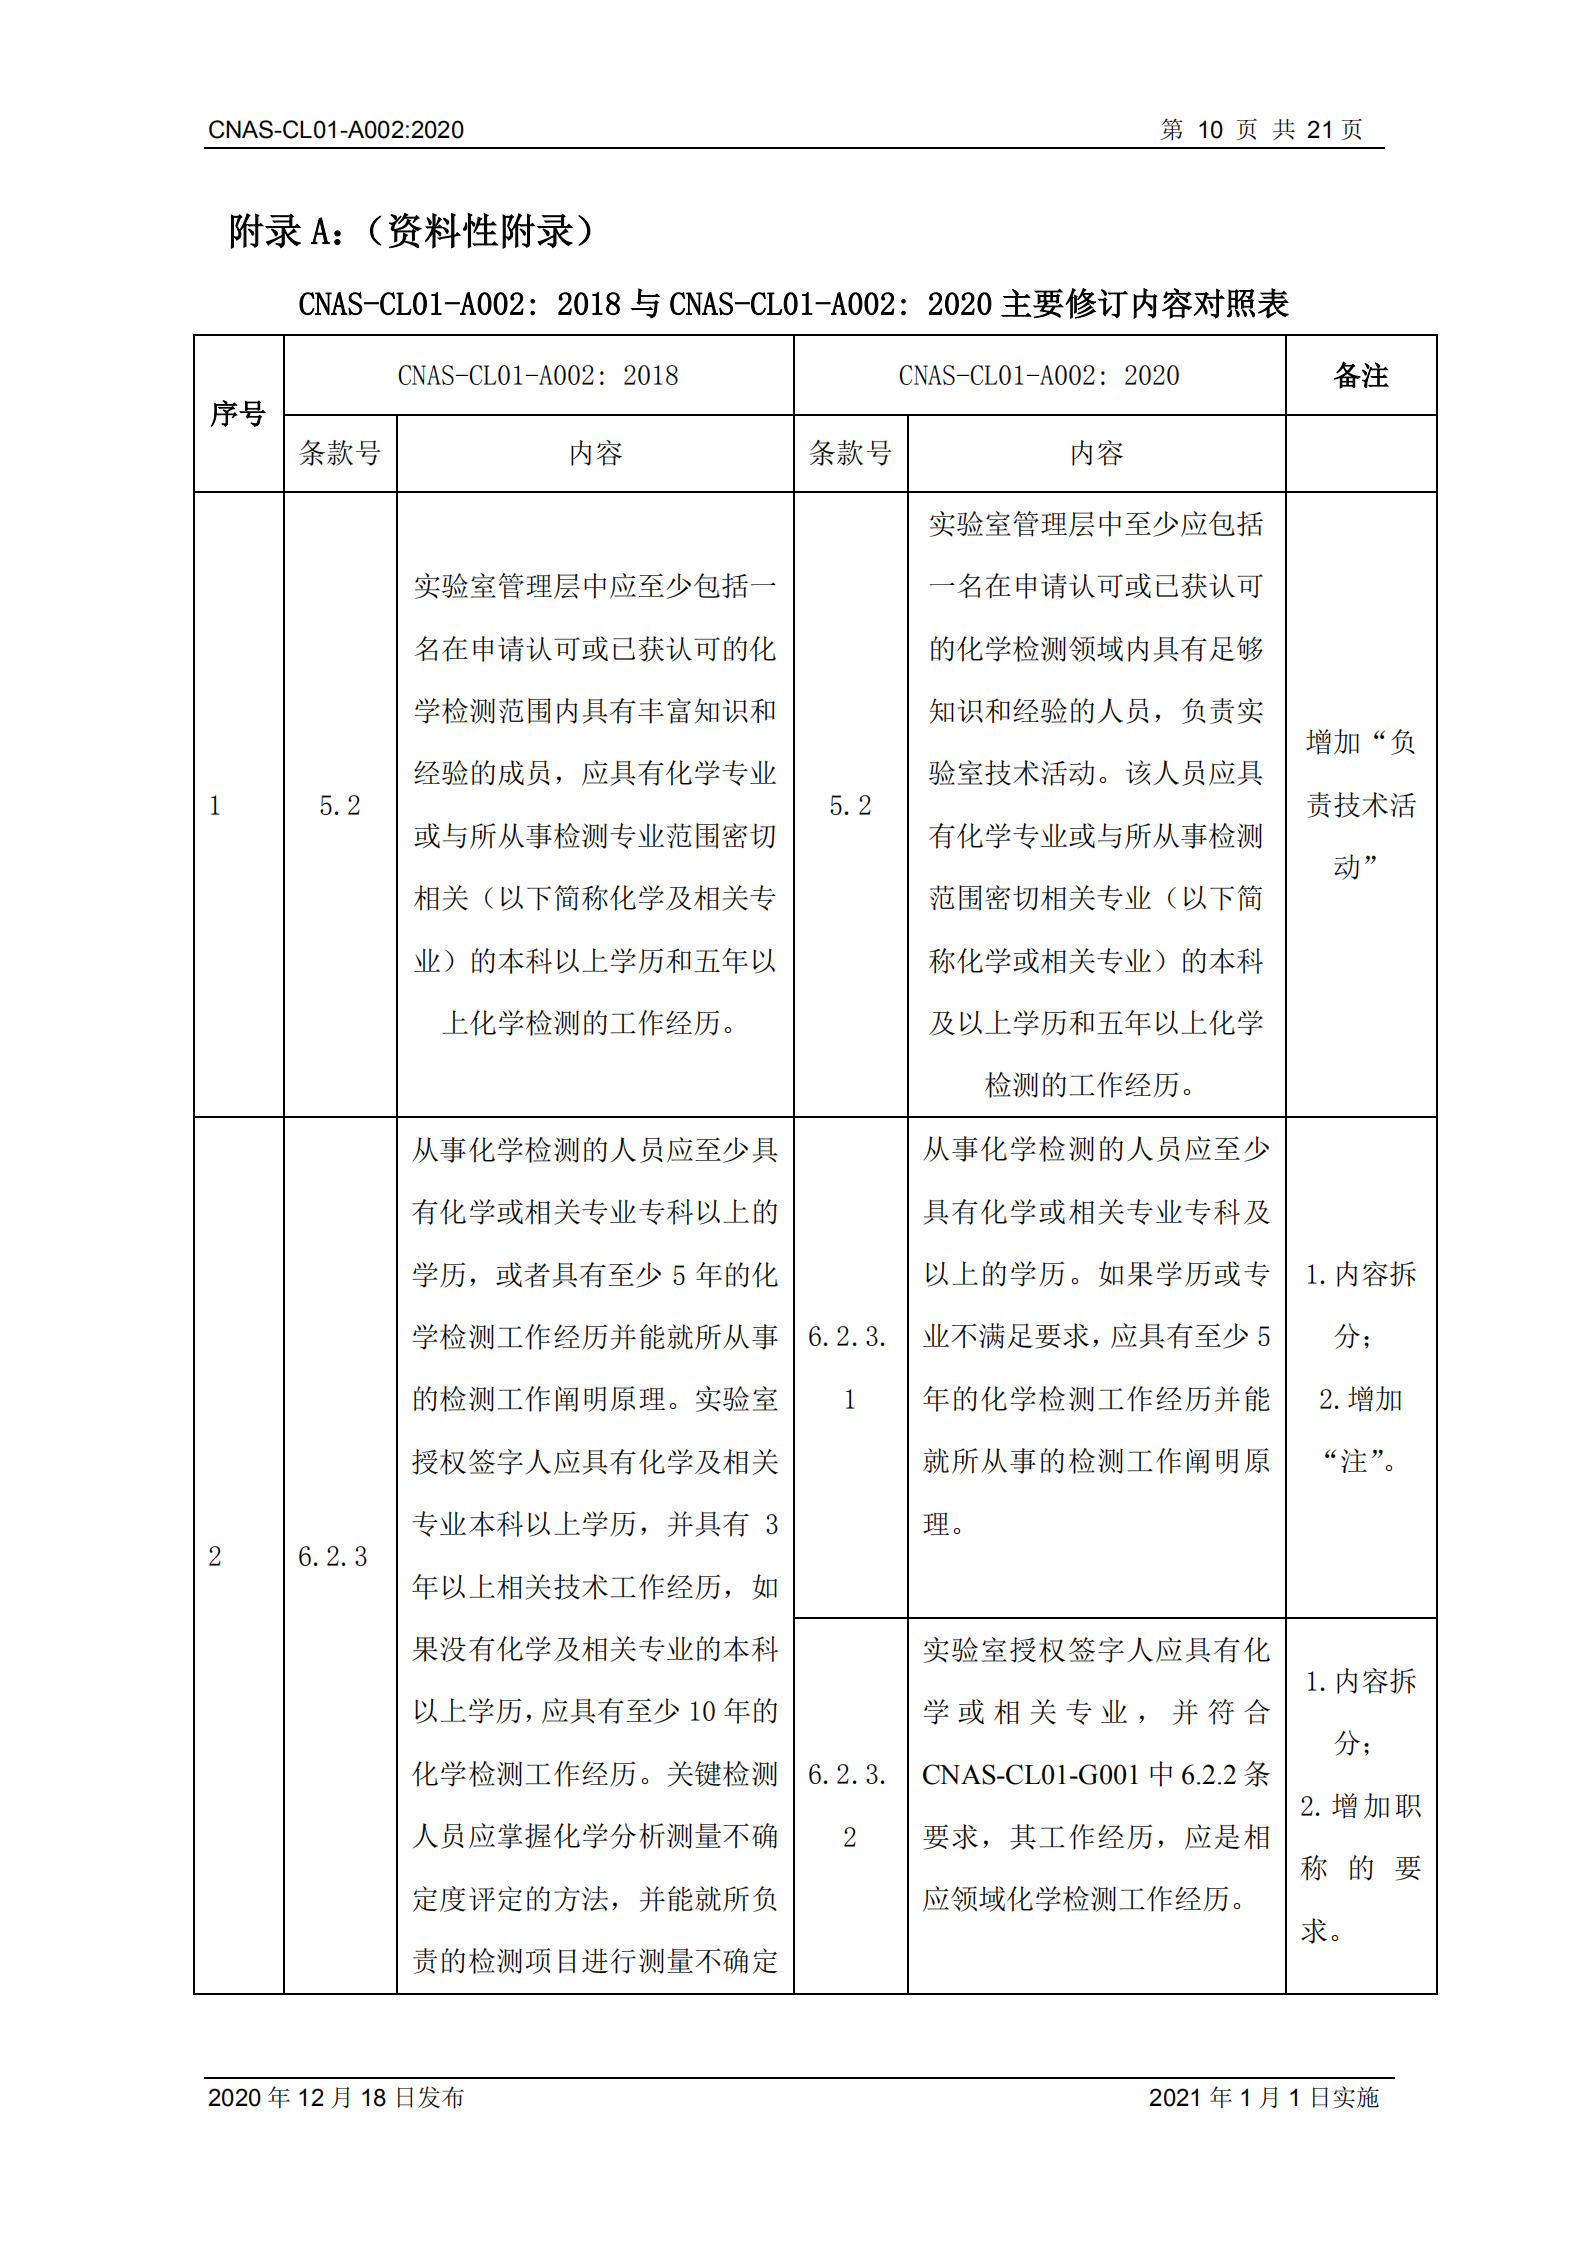 CNAS-CL01-A002_2020_10.png